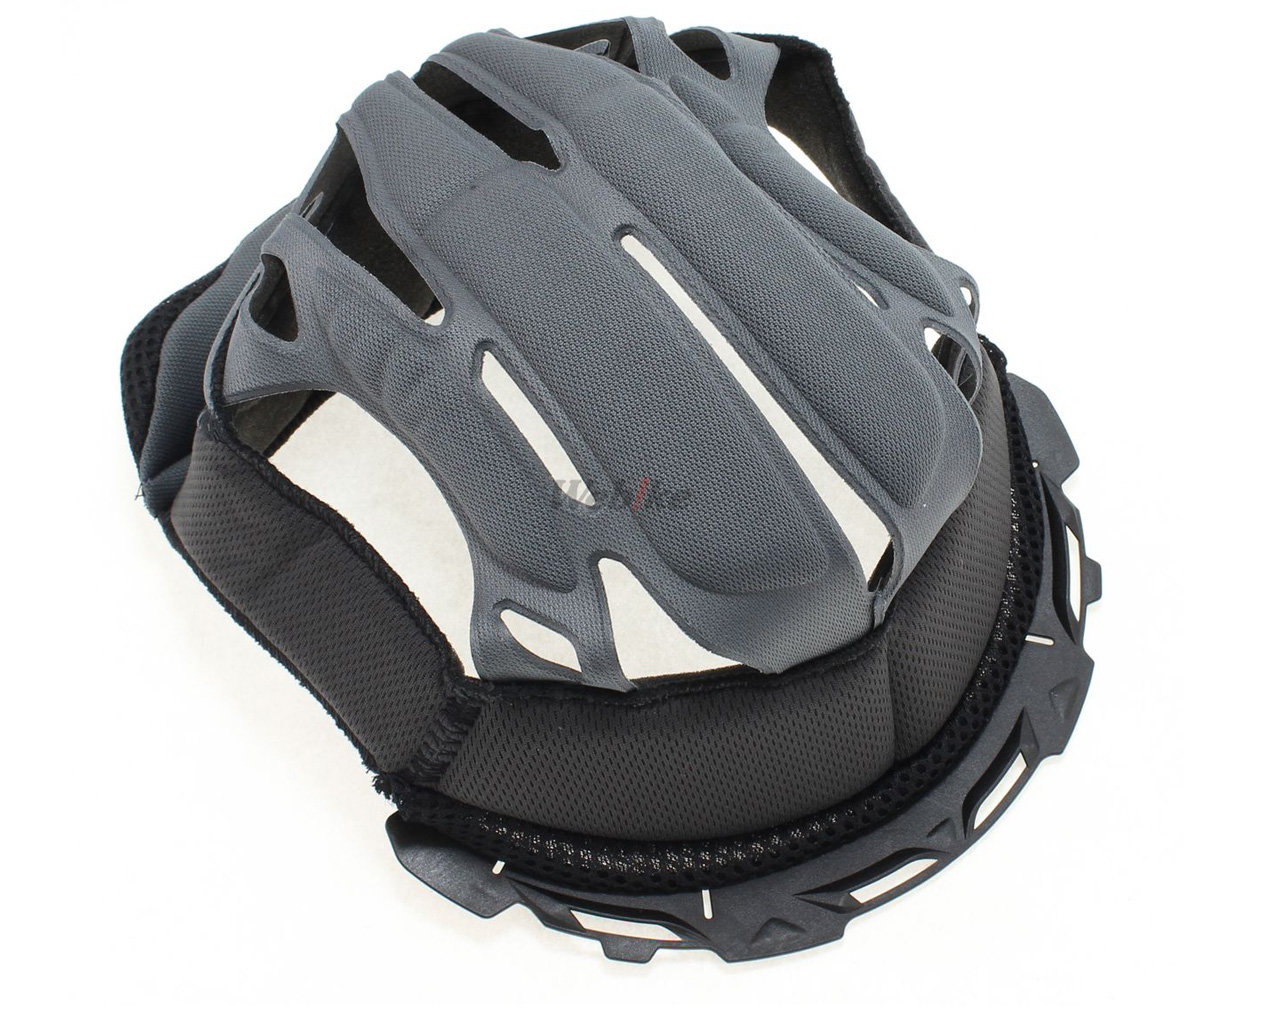 OGK KABUTOオージーケーカブト ヘルメット内装センターパッド 再再販 インナーパッド 補修 オプションパーツ KABUTO オージーケーカブト 12mm XLの2サイズ内で互換性有り KAMUI サイズ:L カムイ ※L 2 通販 激安◆ KAMUI-II